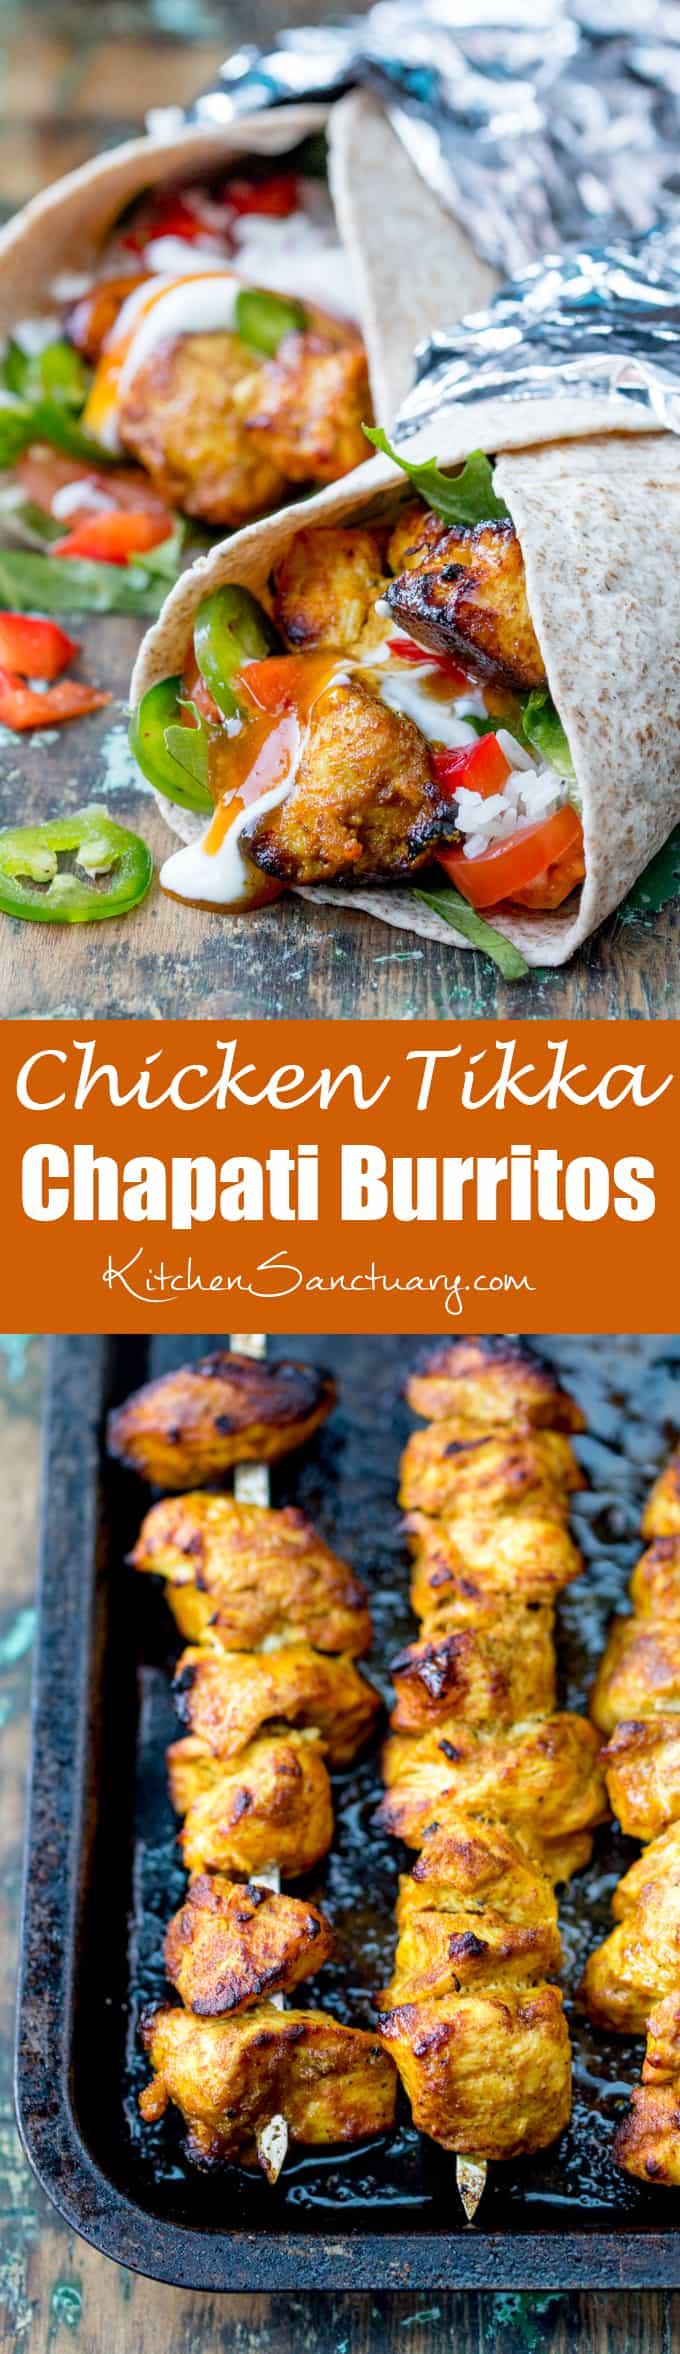 Chicken Tikka Chapati Burritos - die Marinade aus dem Nichts ist so ...   - Menus Diététiques - #aus #Burritos #Chapati #Chicken #dem #Die #Diététiques #ist #Marinade #Menus #nichts #Tikka #todieforchickenenchiladas